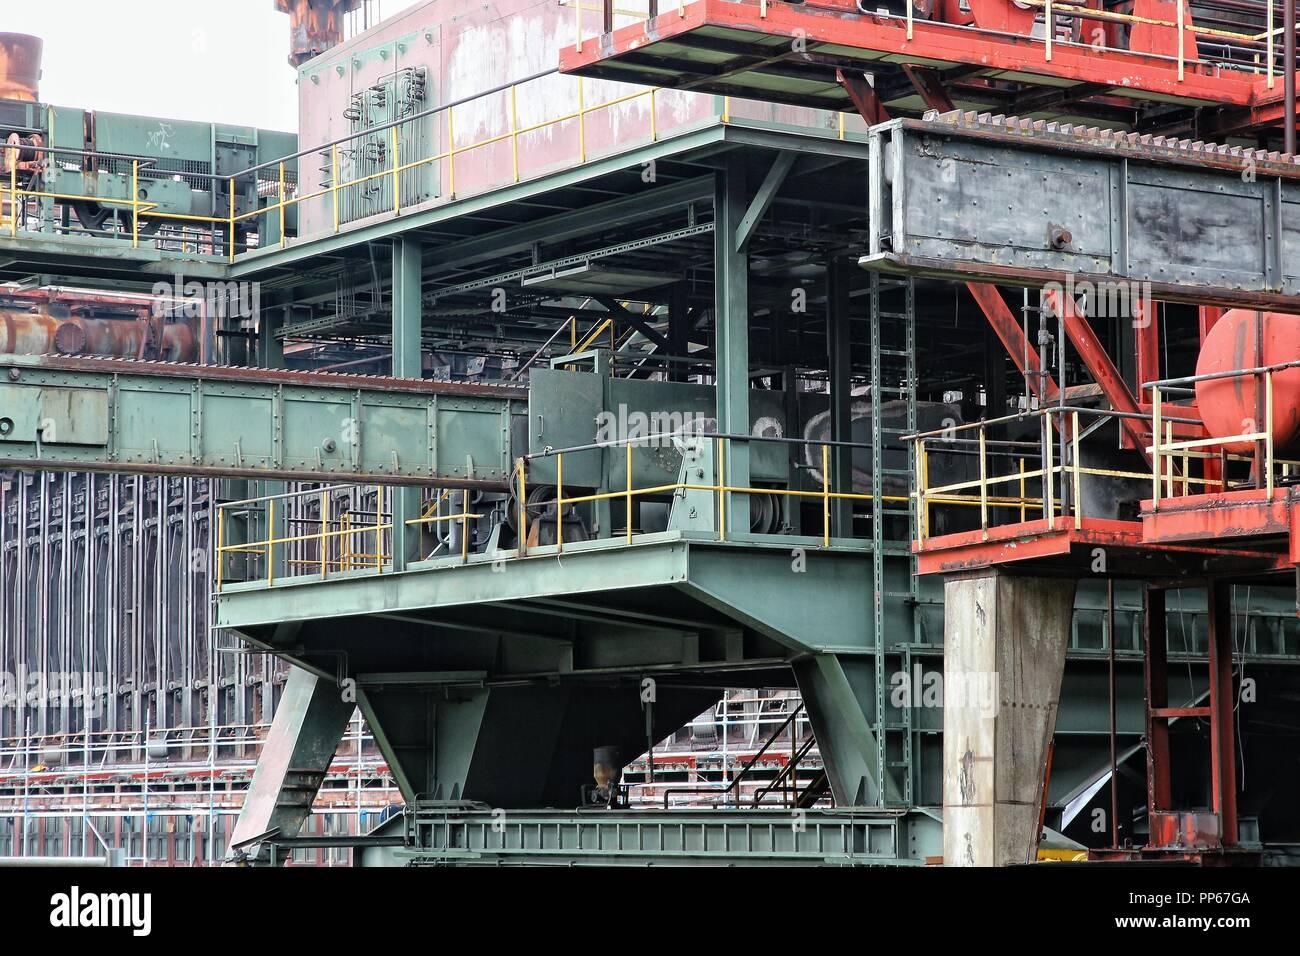 Industrial area Zollverein in Essen - city in Ruhrgebiet (Ruhr Metropolitan Region) in Germany. Former coal mine, now cultural landscape on UNESCO Wor - Stock Image